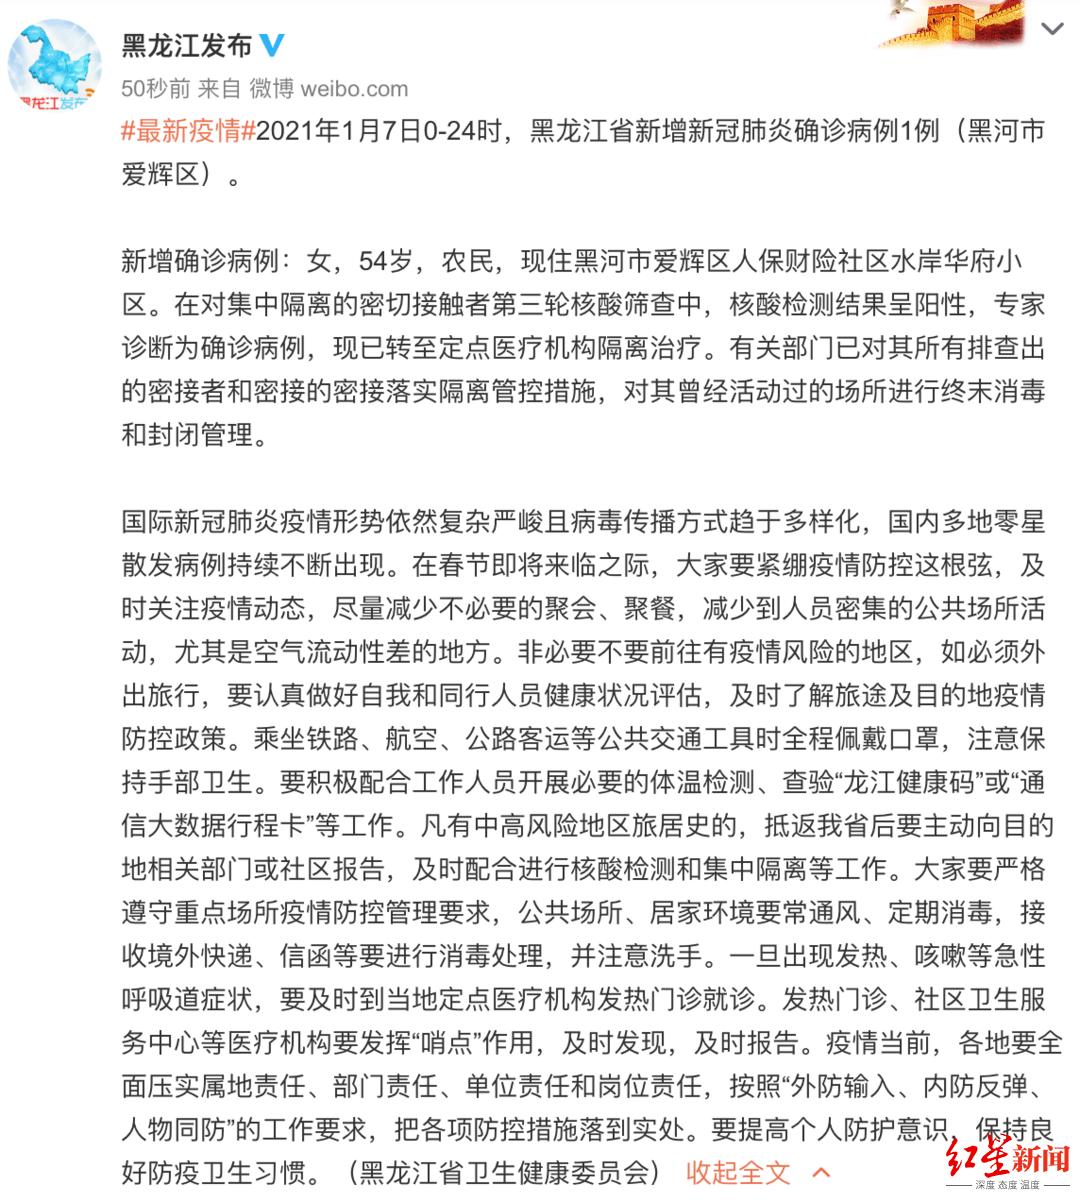 黑龙江新增本地确诊病例1例,在密接者第三轮核酸筛查中检出阳性